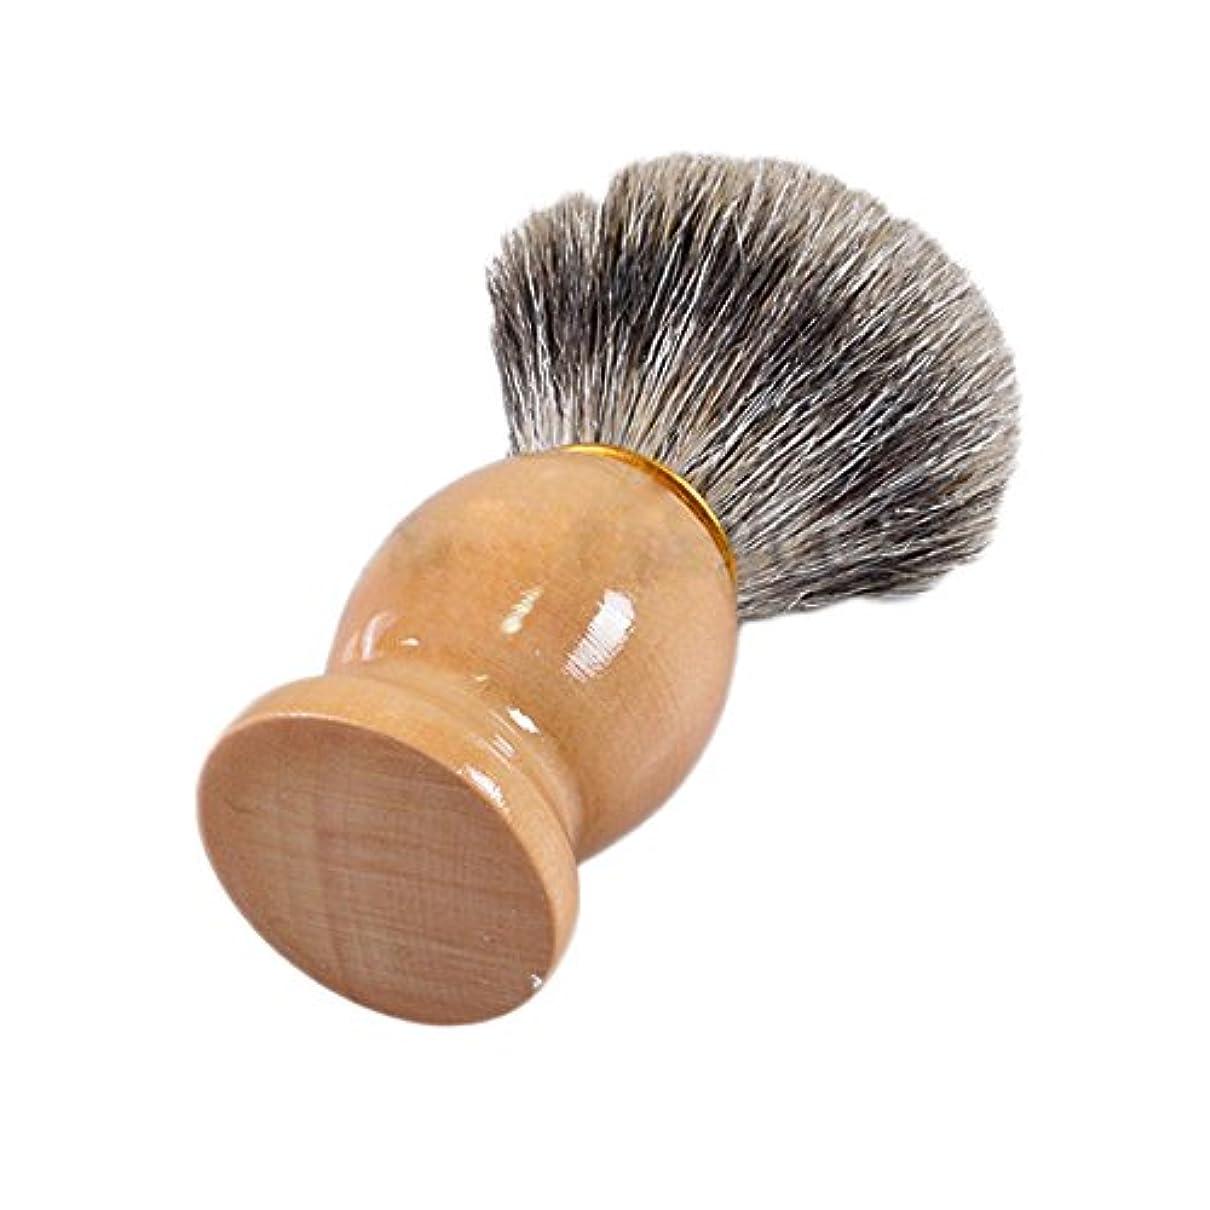 MSmask 純粋なアナグマ毛シェービングブラシ 木製ハンドルのシェービングブラシで